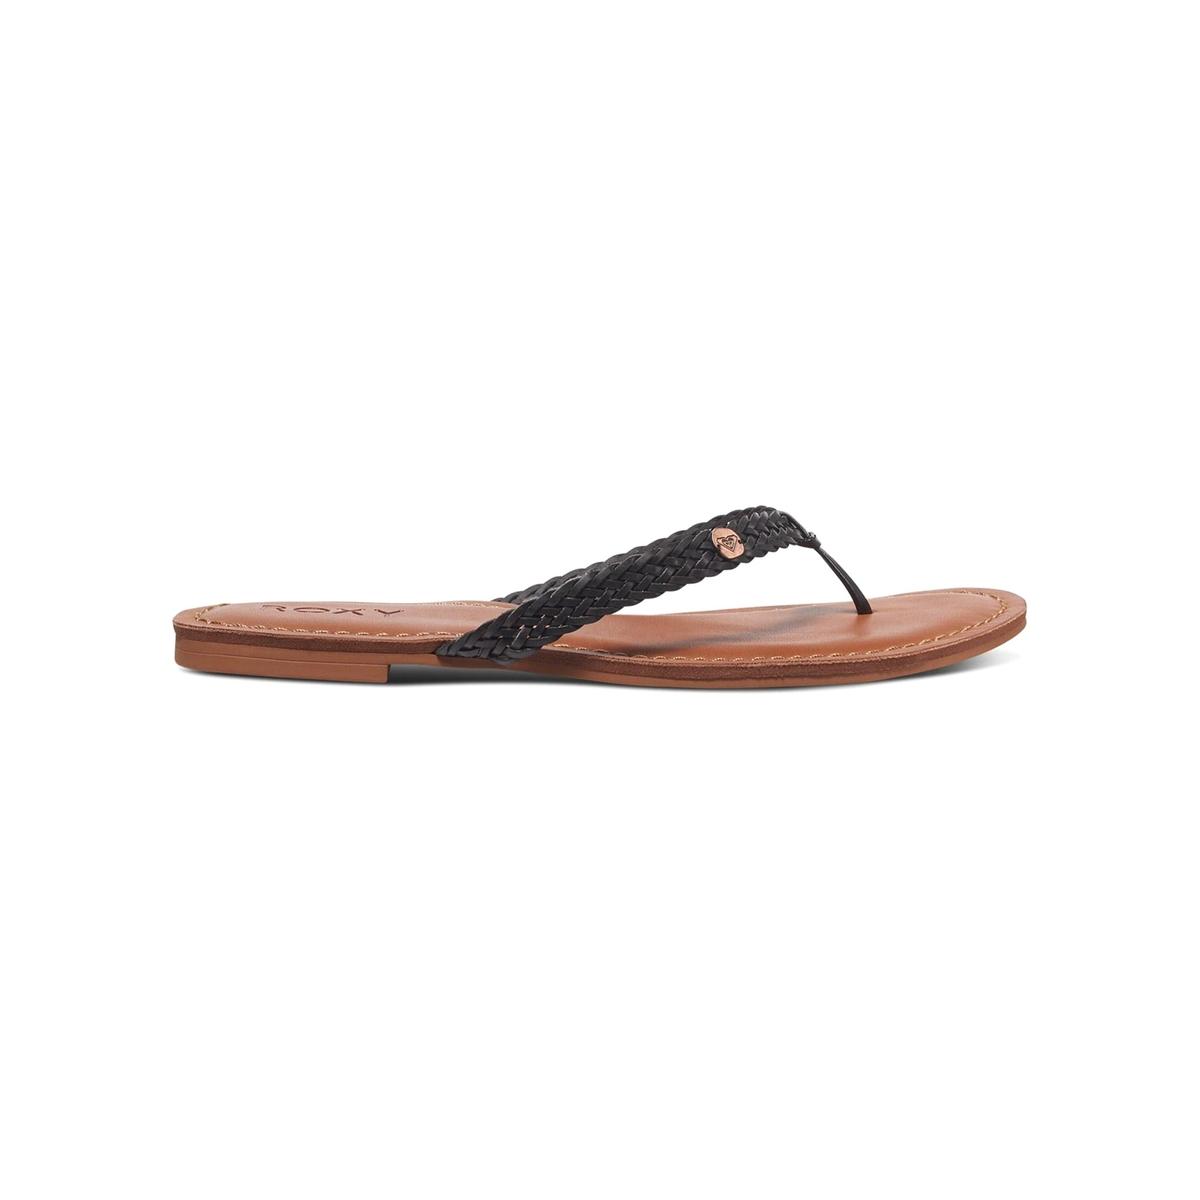 Вьетнамки CarmenВерх : синтетика   Подошва : каучук   Форма каблука : плоский каблук   Мысок : открытый мысок   Застежка : без застежки<br><br>Цвет: черный<br>Размер: 40